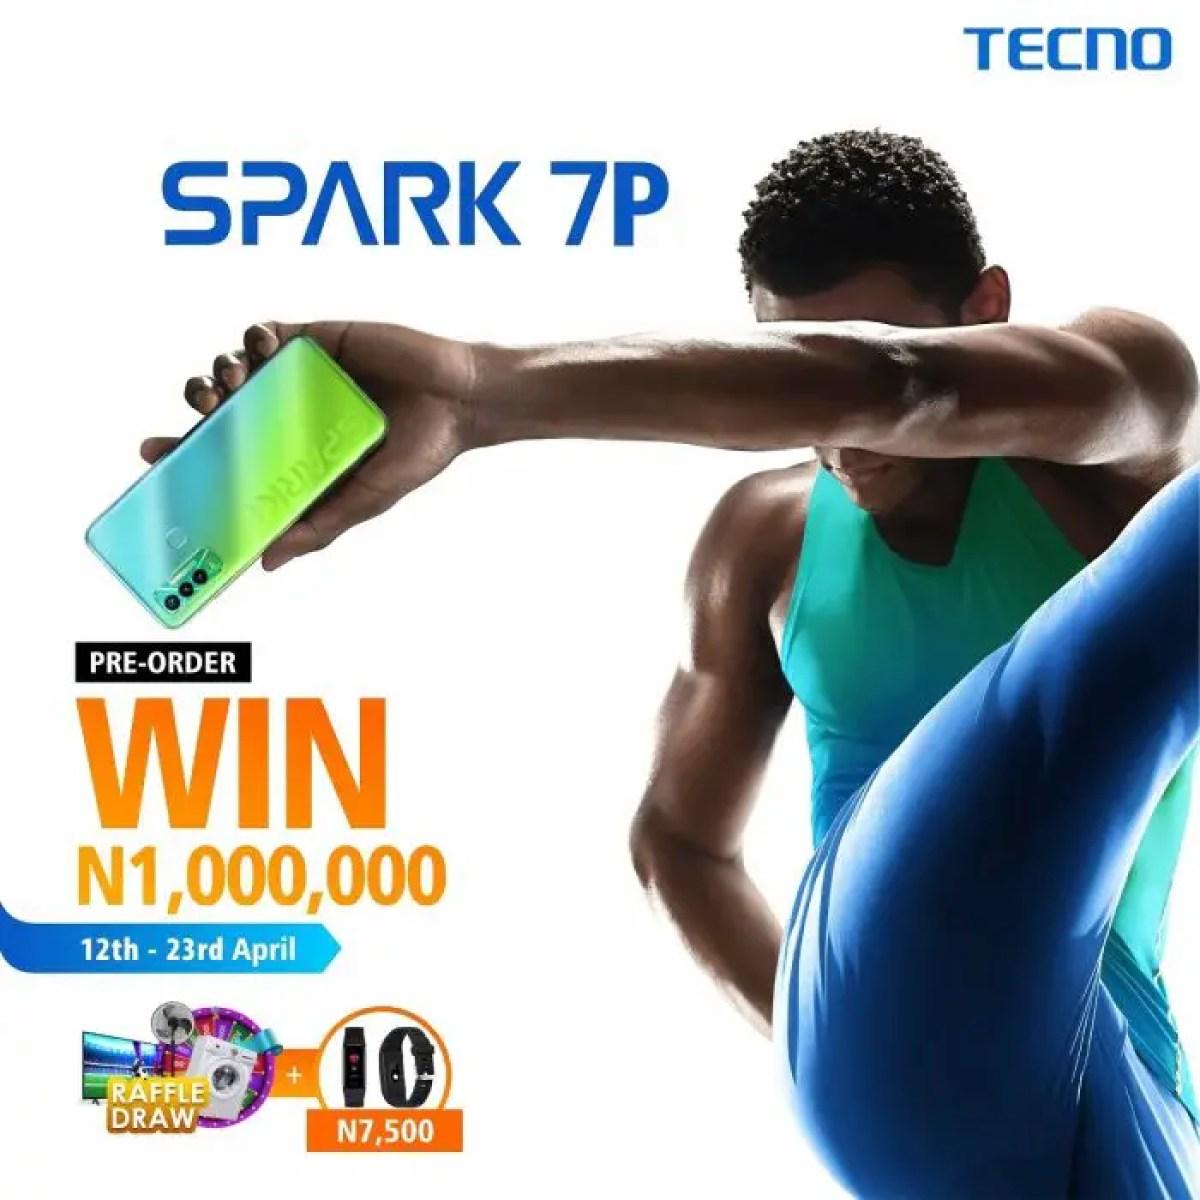 TECNO Spark 7P green pre-order win